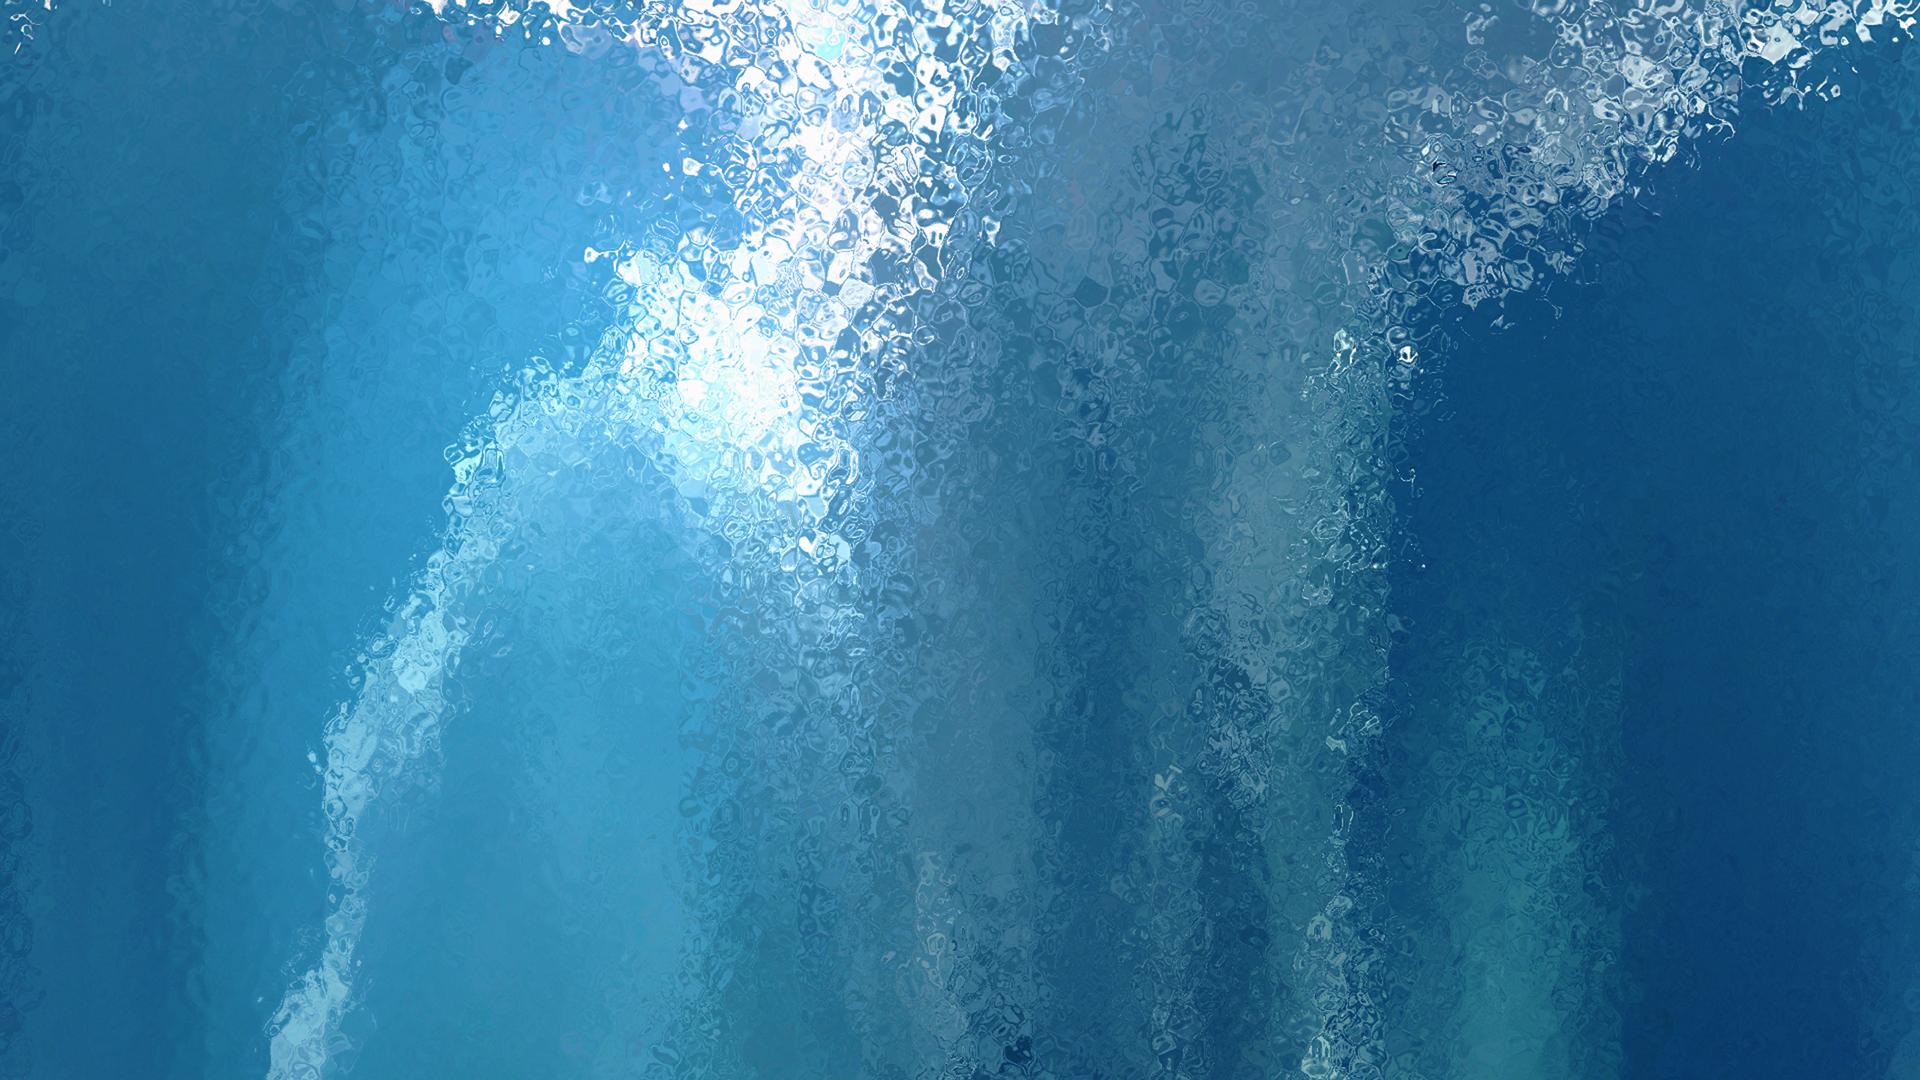 Hd water wallpapers wallpapersafari - Aquatic wallpaper ...